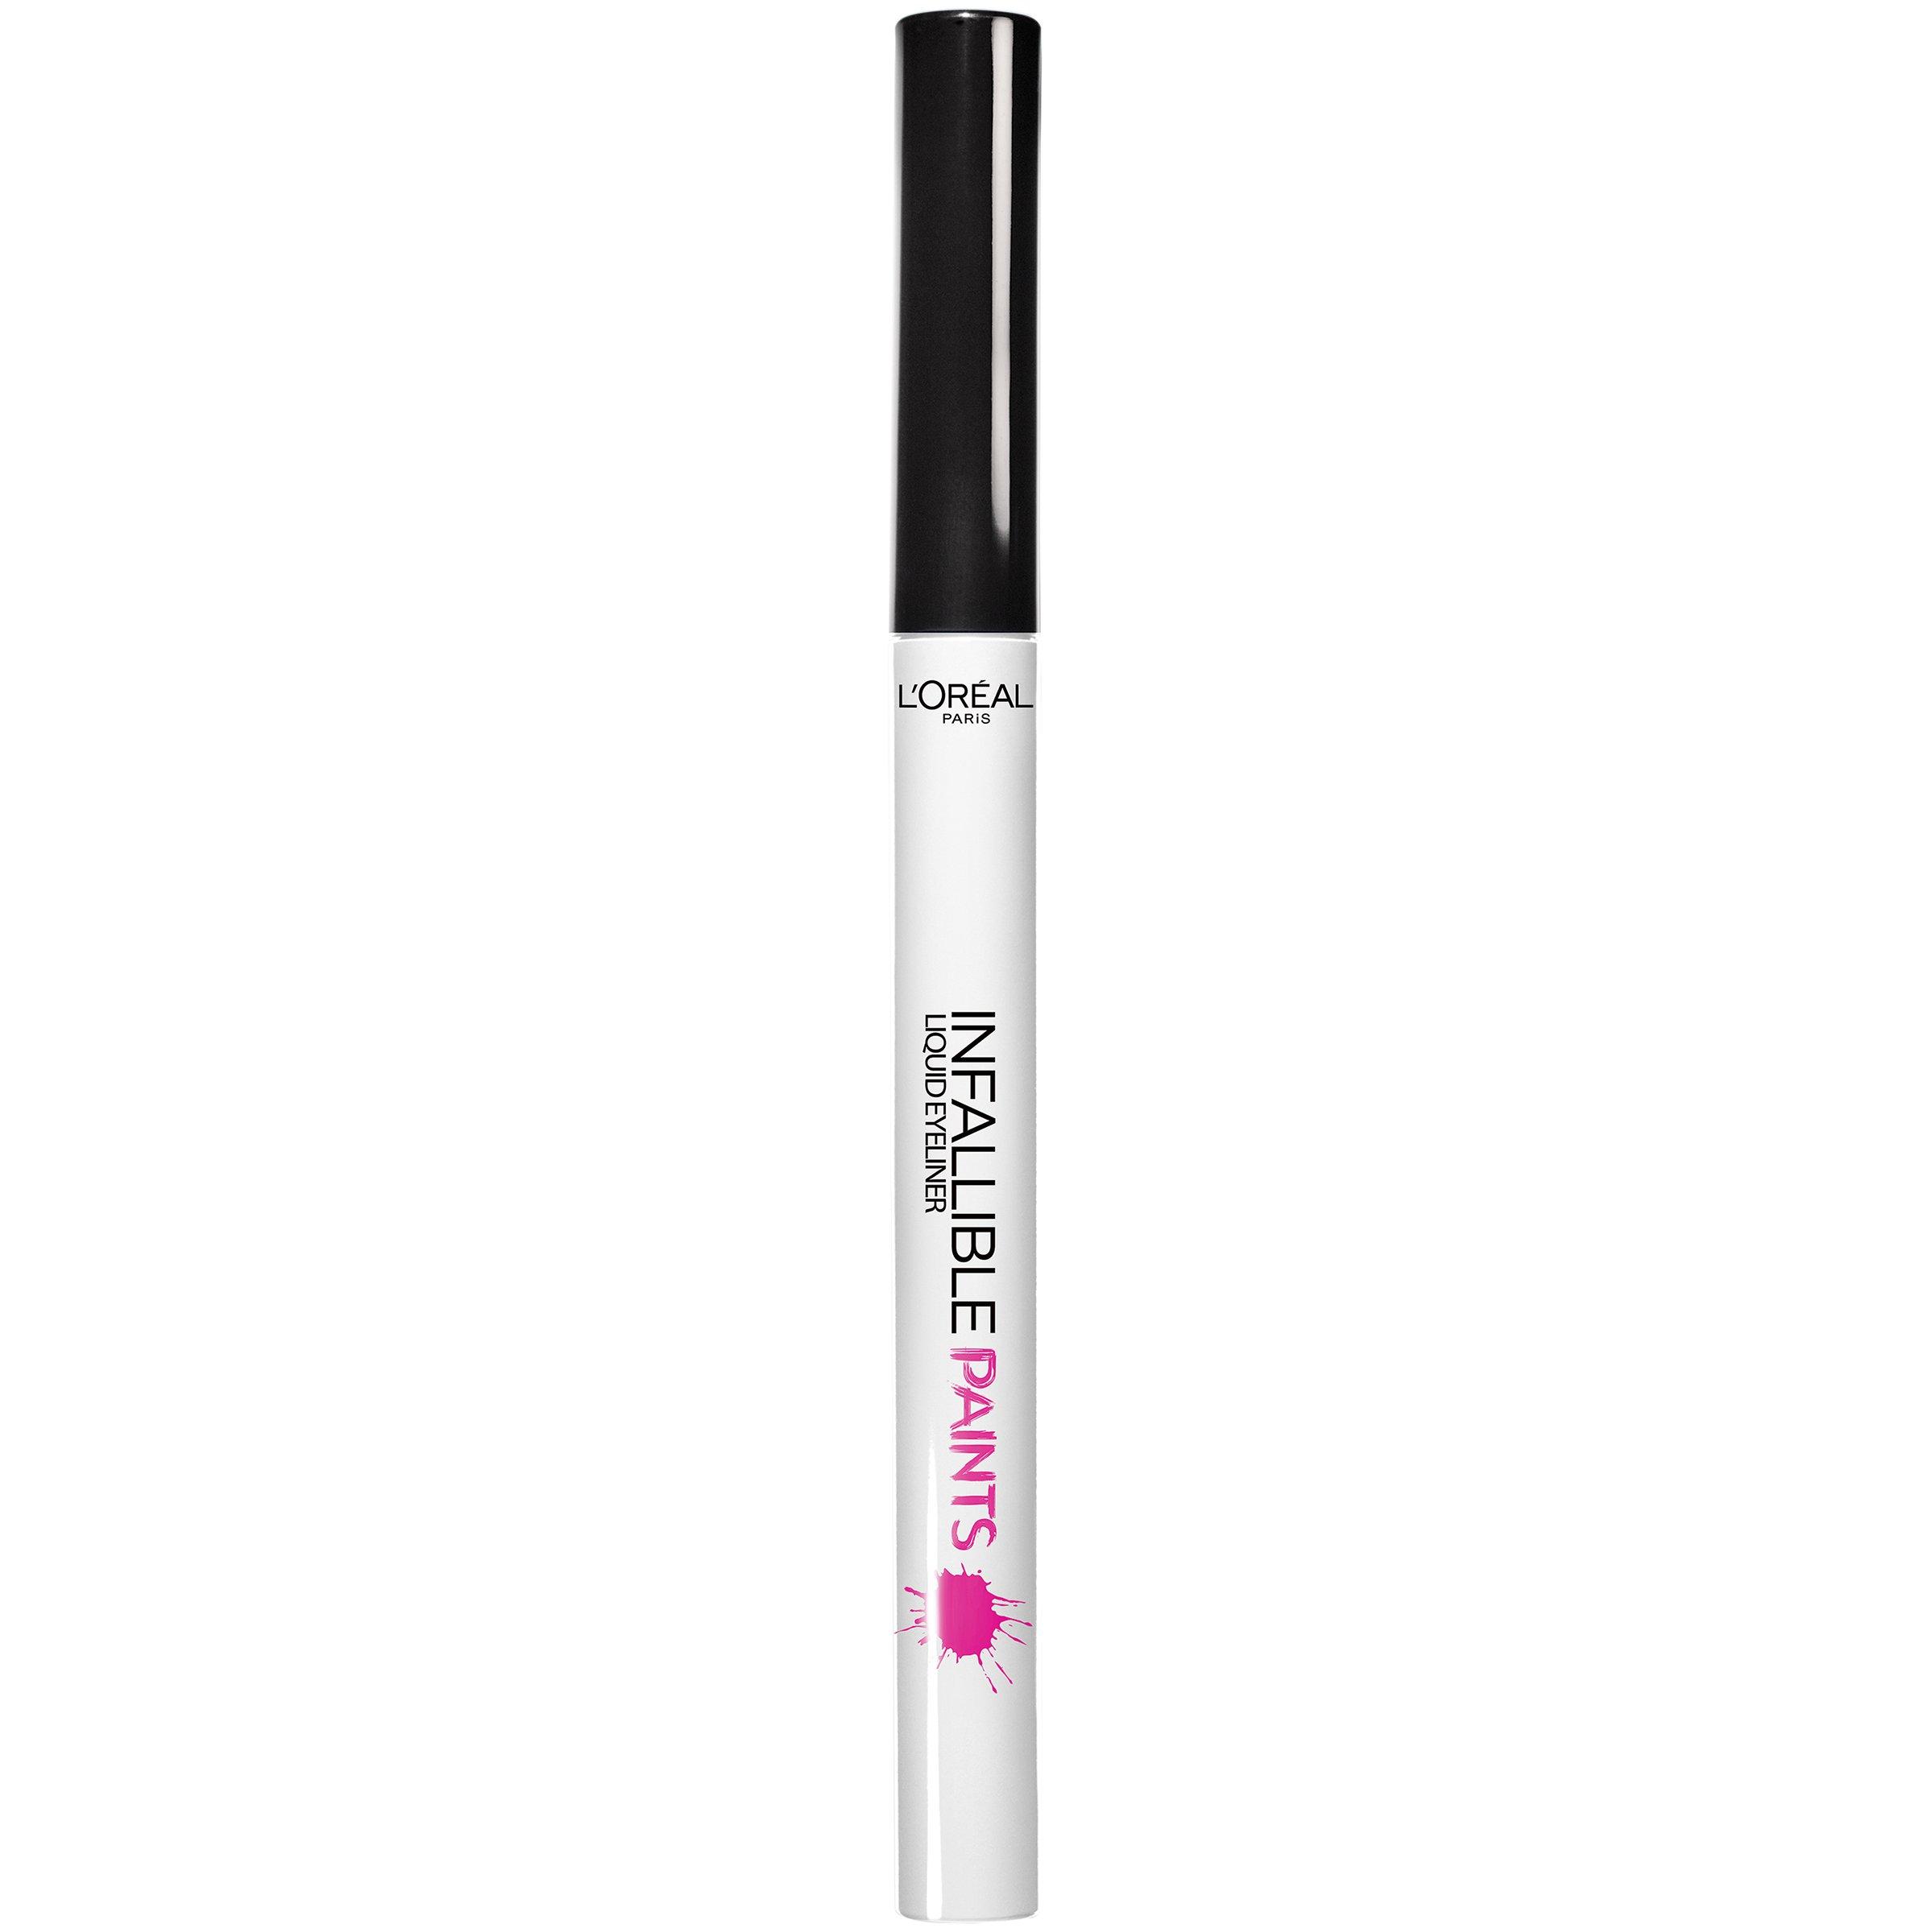 L'Oréal Paris Infallible Paints Eyeliner, White Party, 0.034 fl. oz.